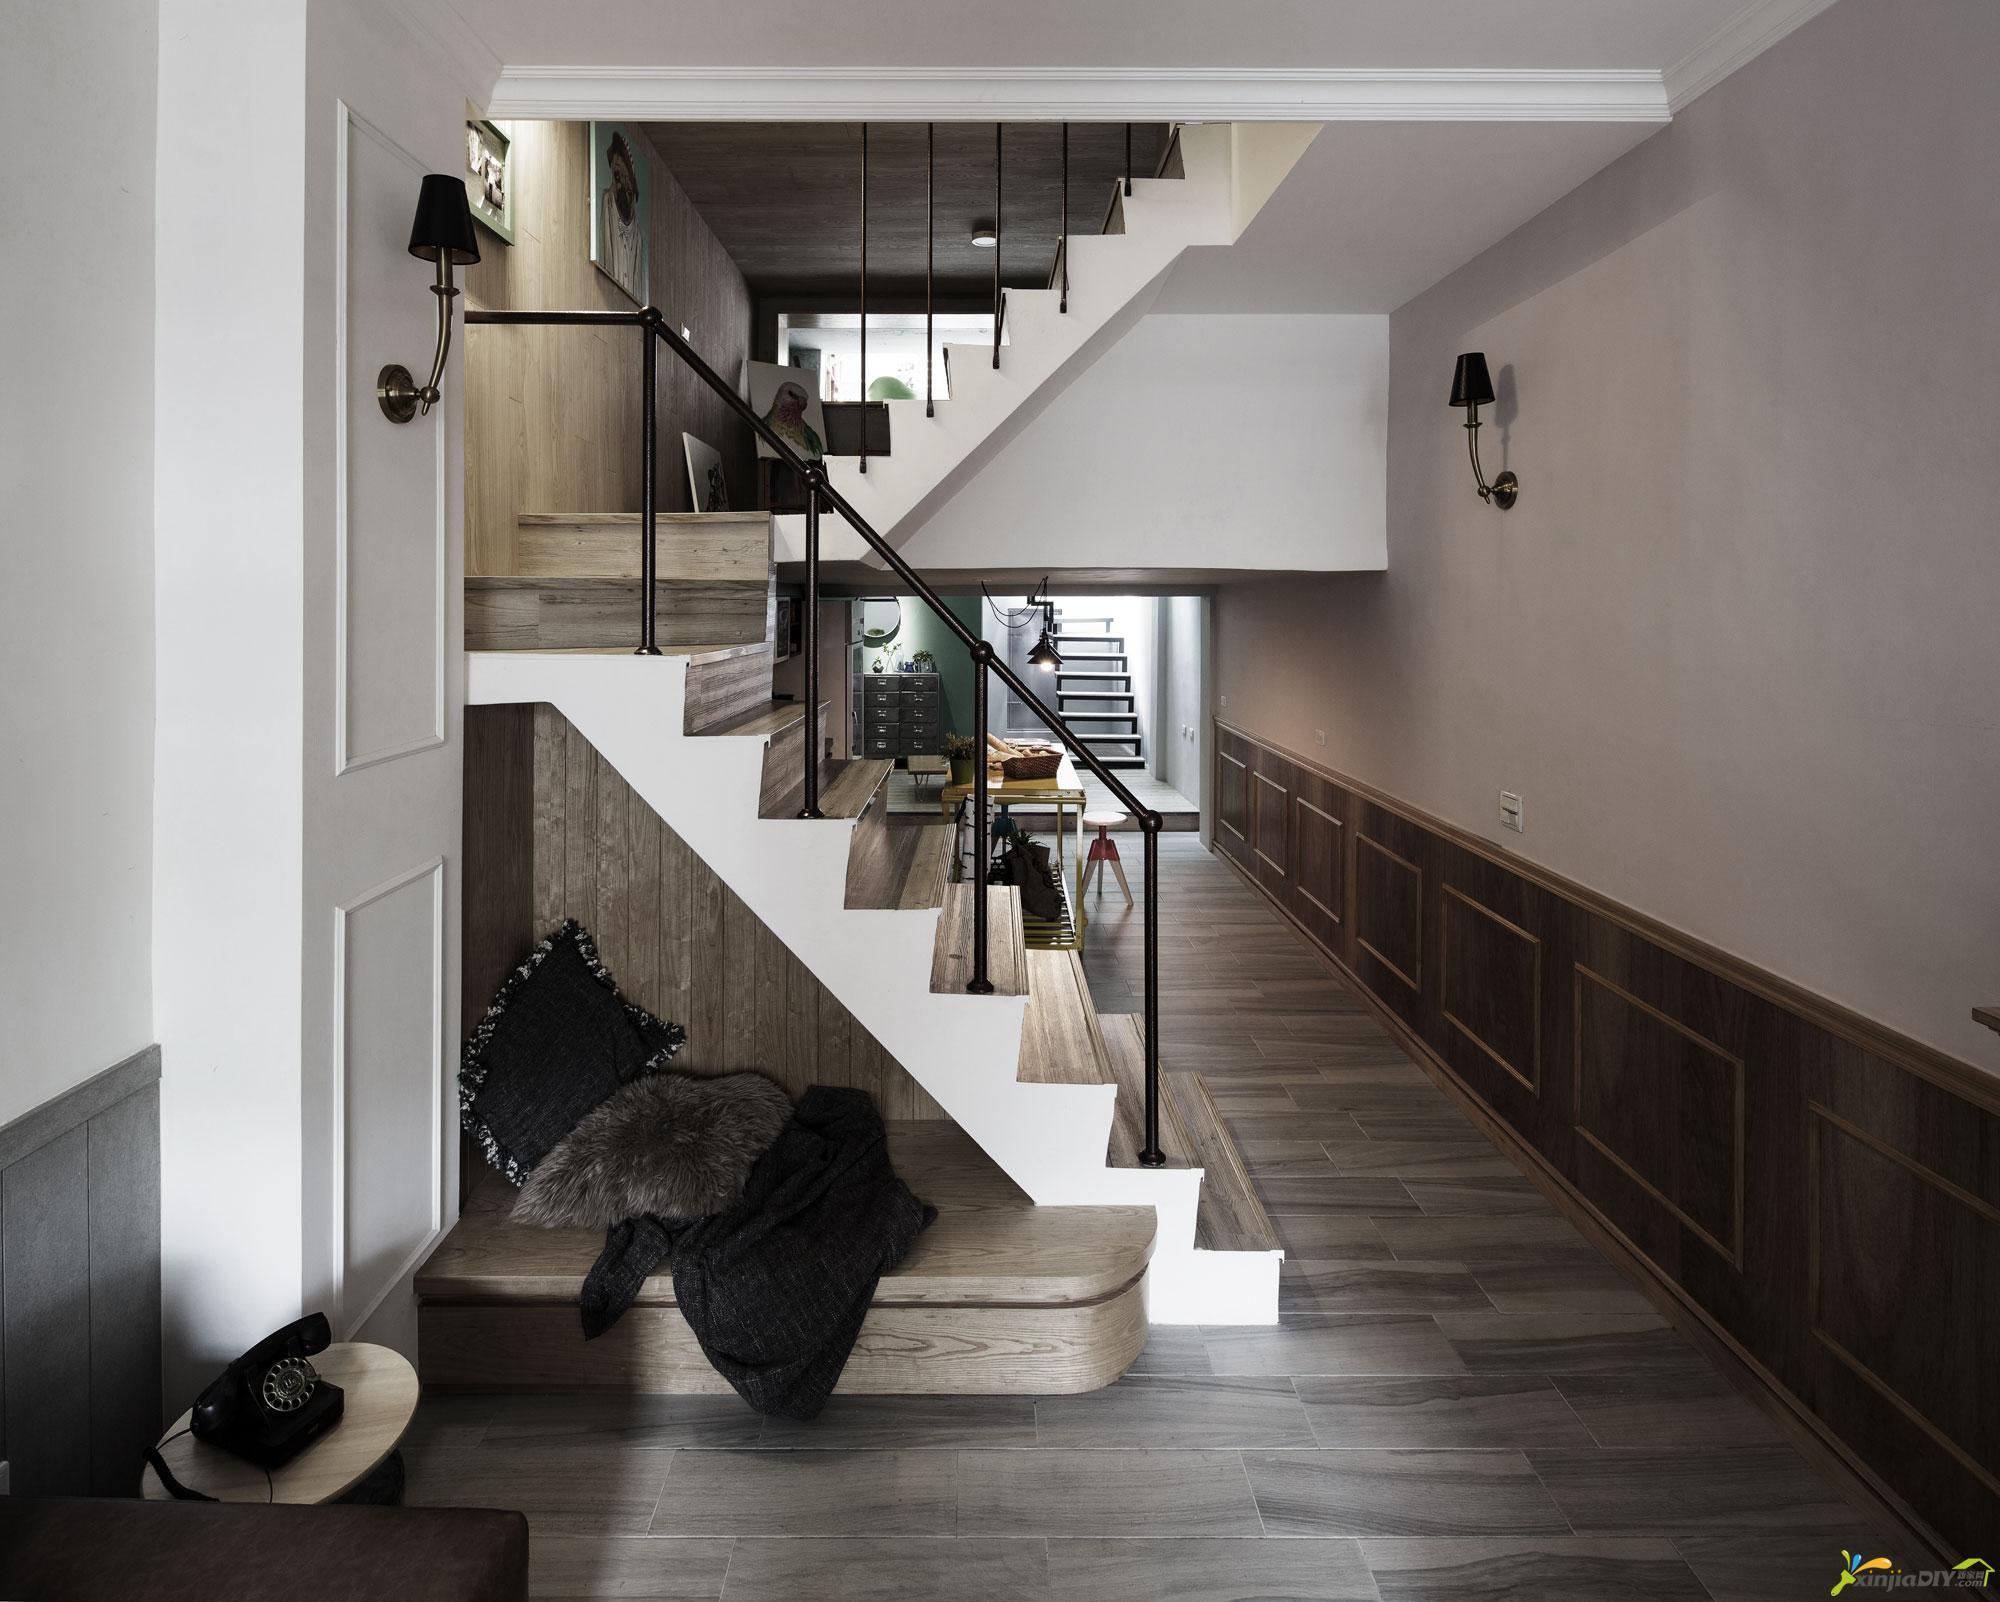 郁闷!顶楼带阁楼的房子应该如何安排装修?